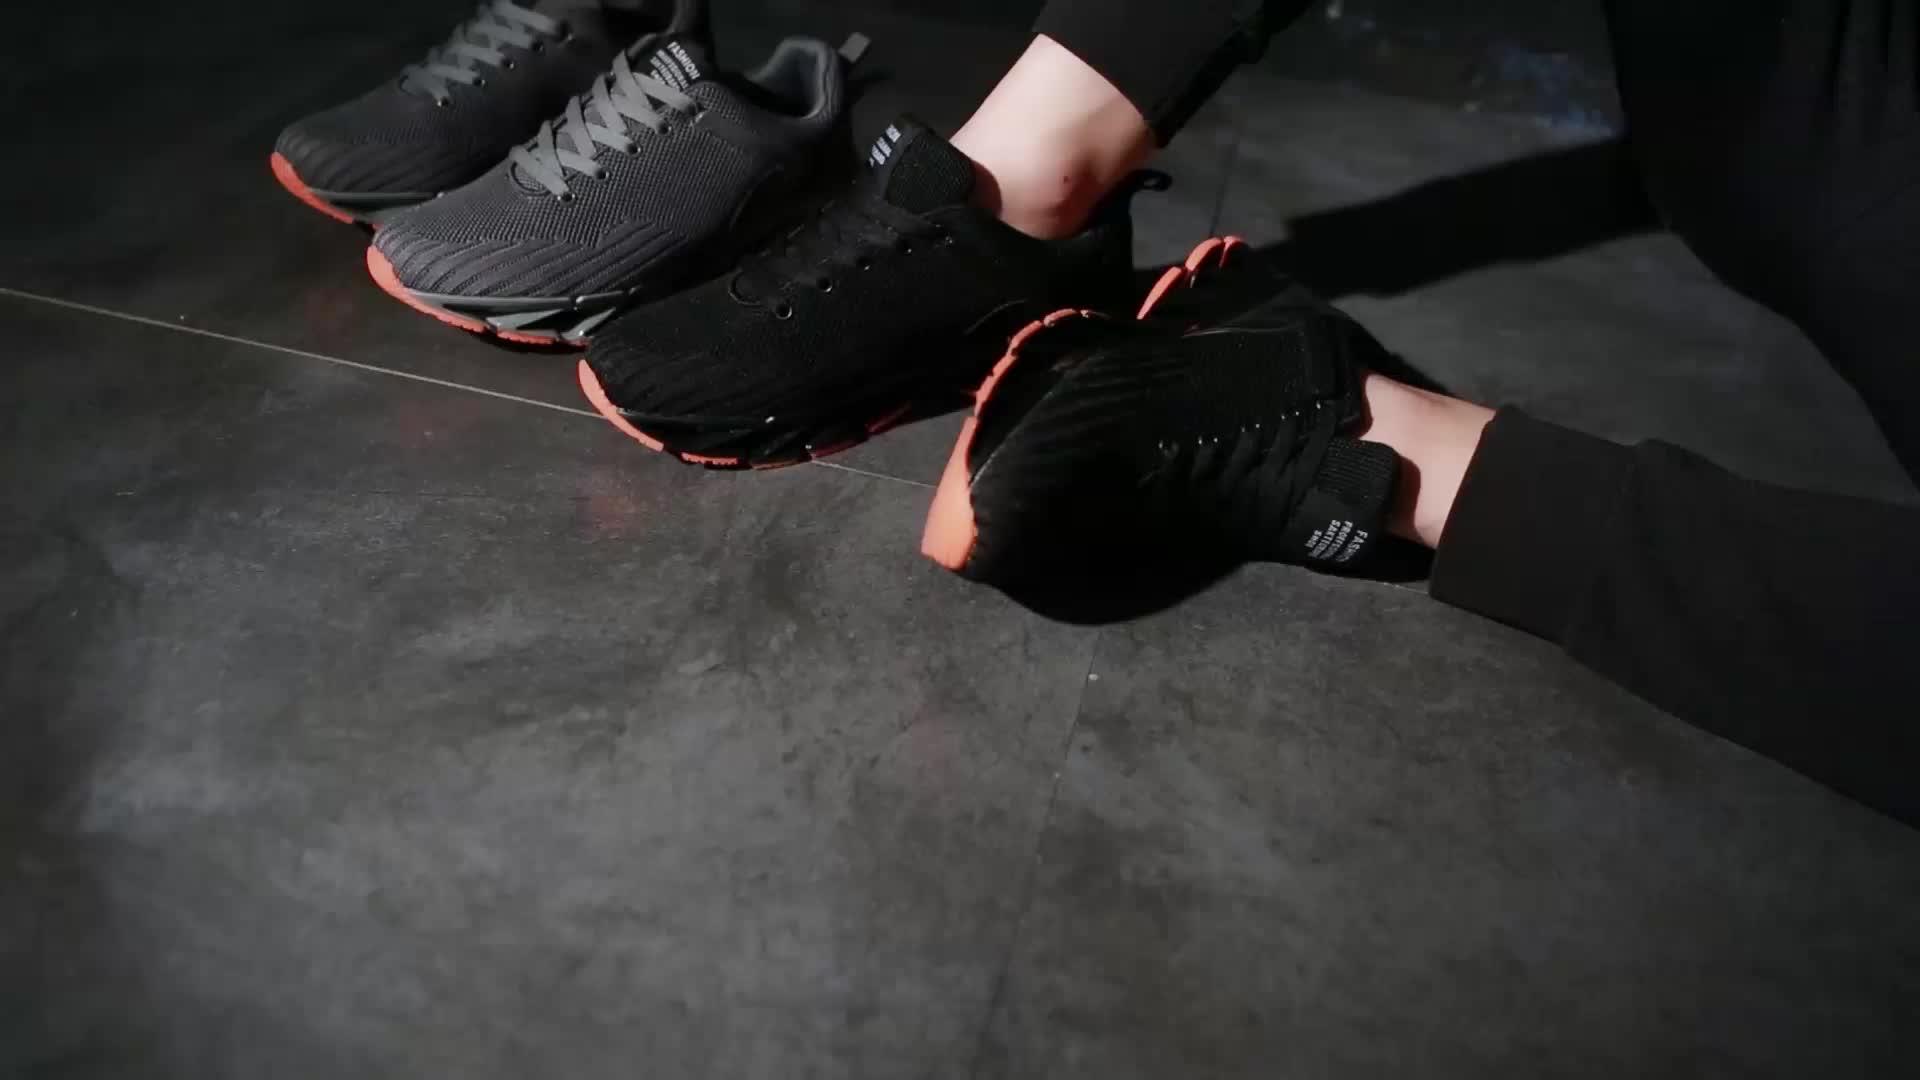 Biểu Tượng Tùy Chỉnh Độc Đáo Lưỡi Bay Dệt Người Đàn Ông Của Giày Thể Thao Giản Dị Sneakers